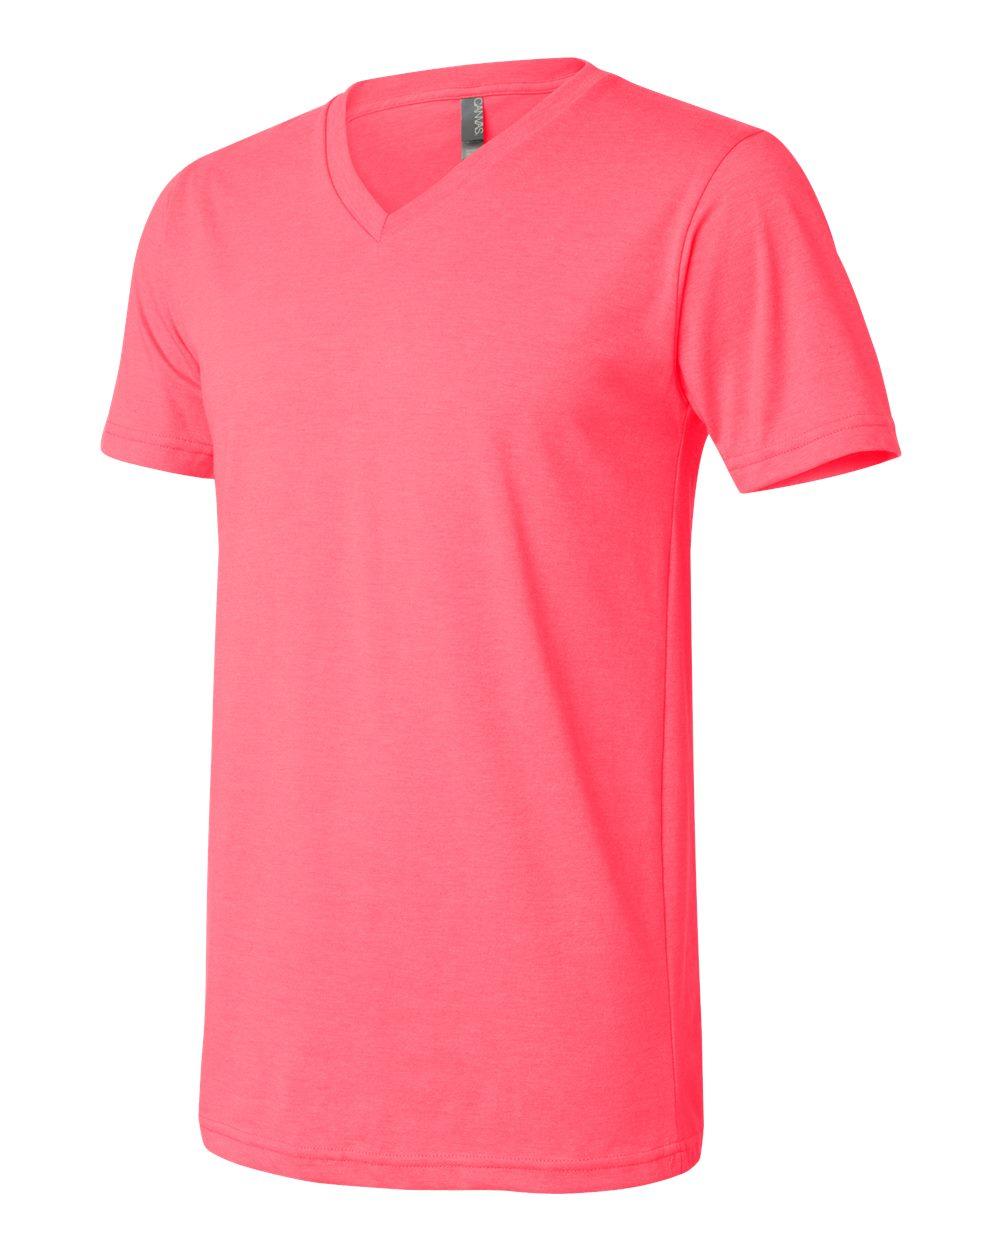 Bella-Canvas-Men-039-s-Jersey-Short-Sleeve-V-Neck-T-Shirt-3005-XS-3XL thumbnail 12